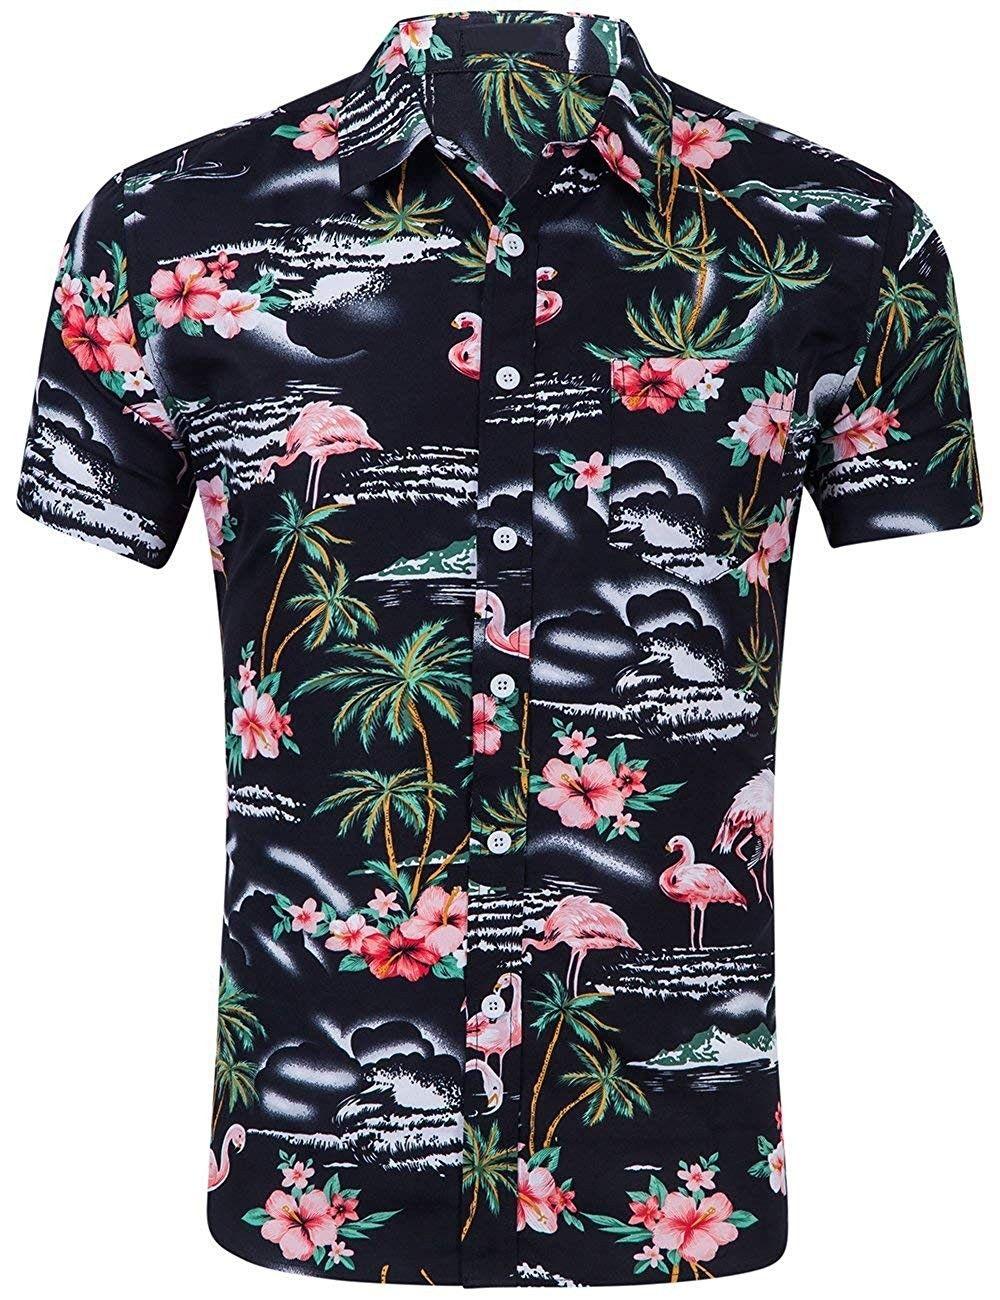 Men/'s Shirts Casual T-Shirts Hawaii Summer Beach Buttons V Neck Short Sleeve